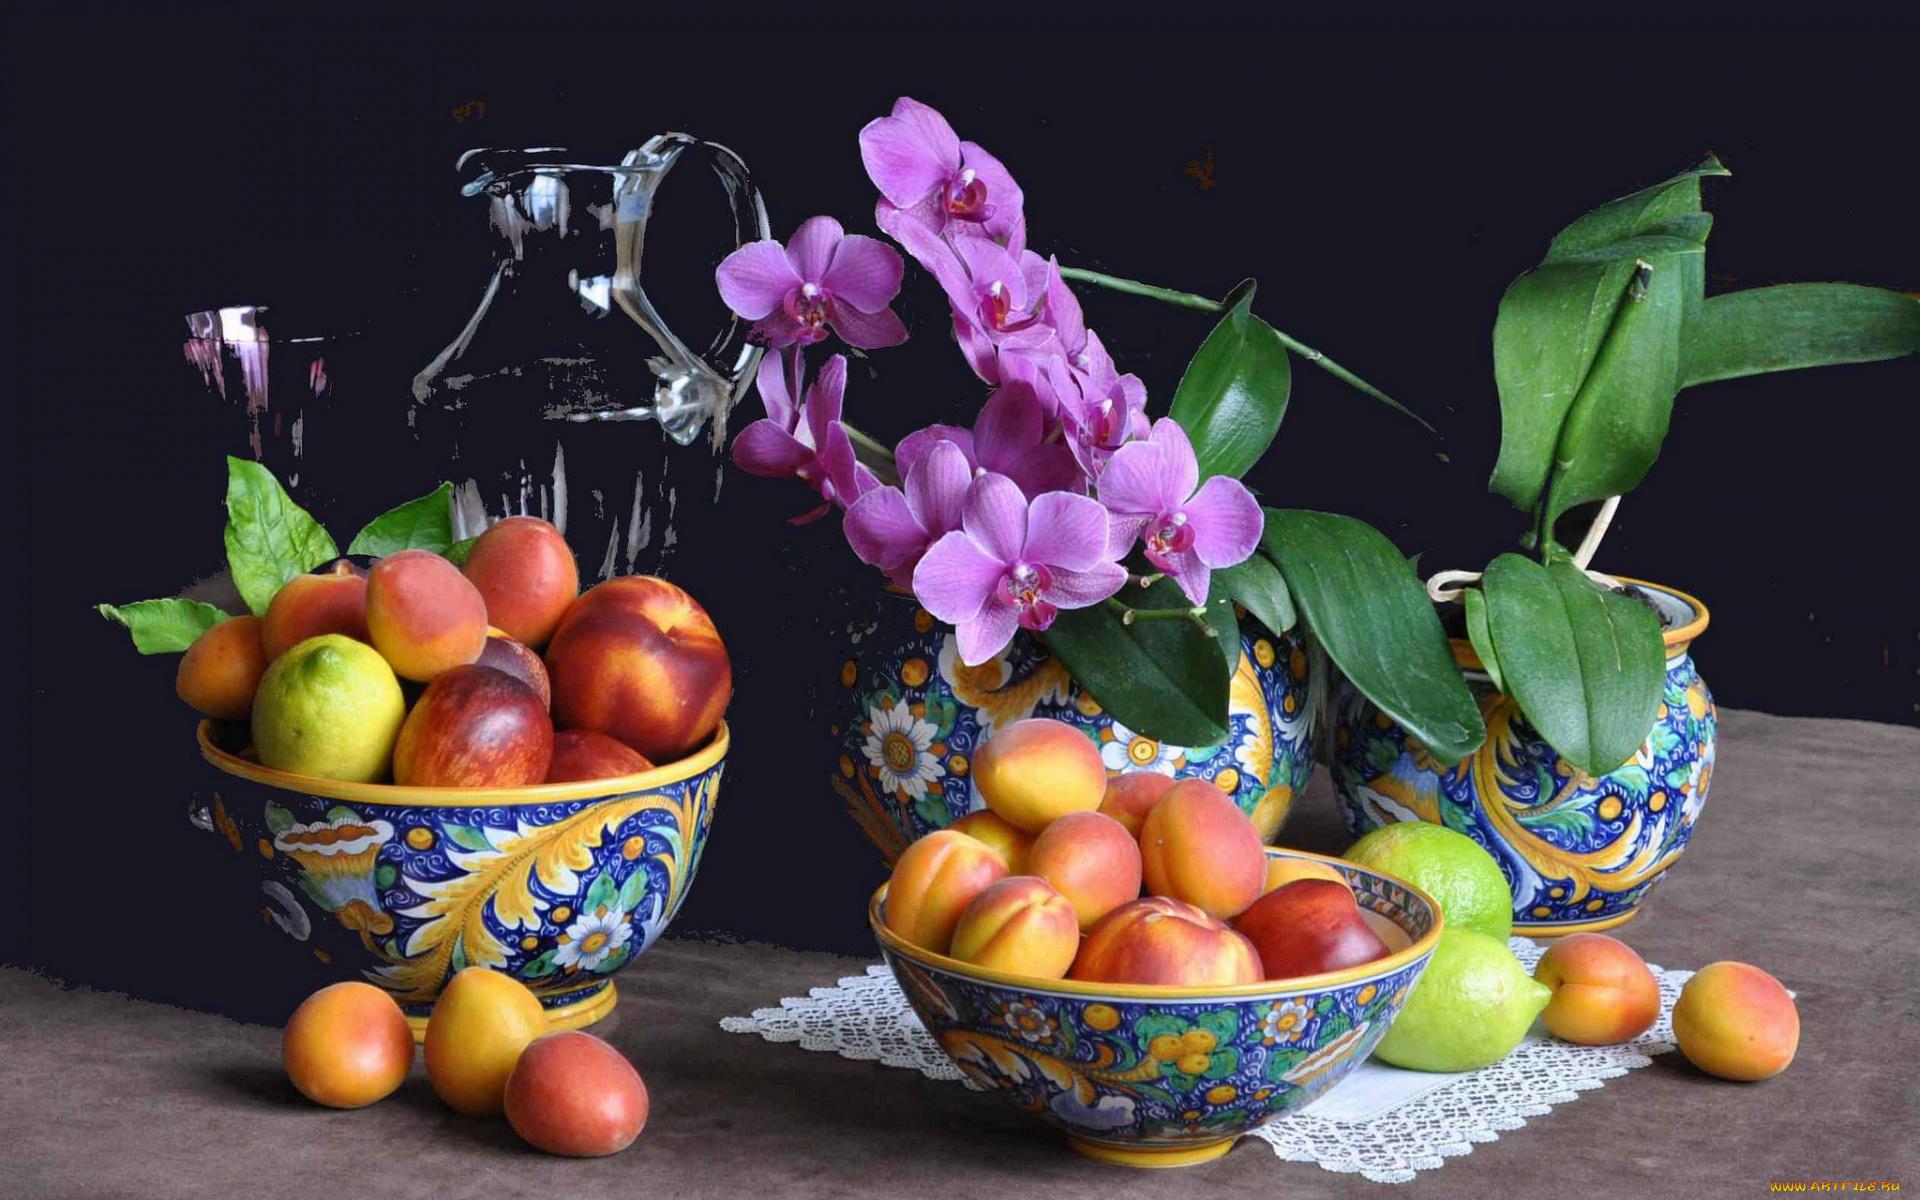 Обои для рабочего стола натюрморты с цветами и фруктами